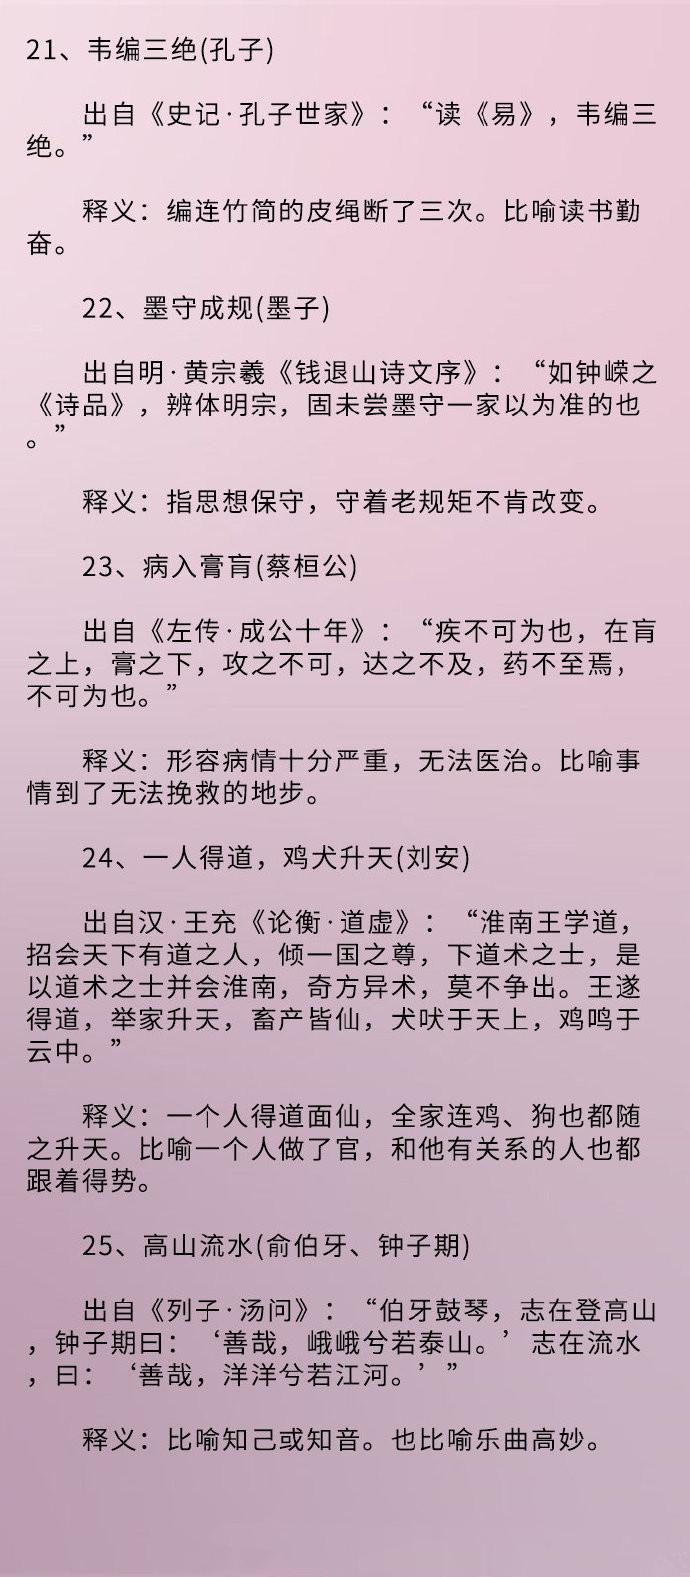 2020年河北公务员考试常识积累:50个成语典故(上)